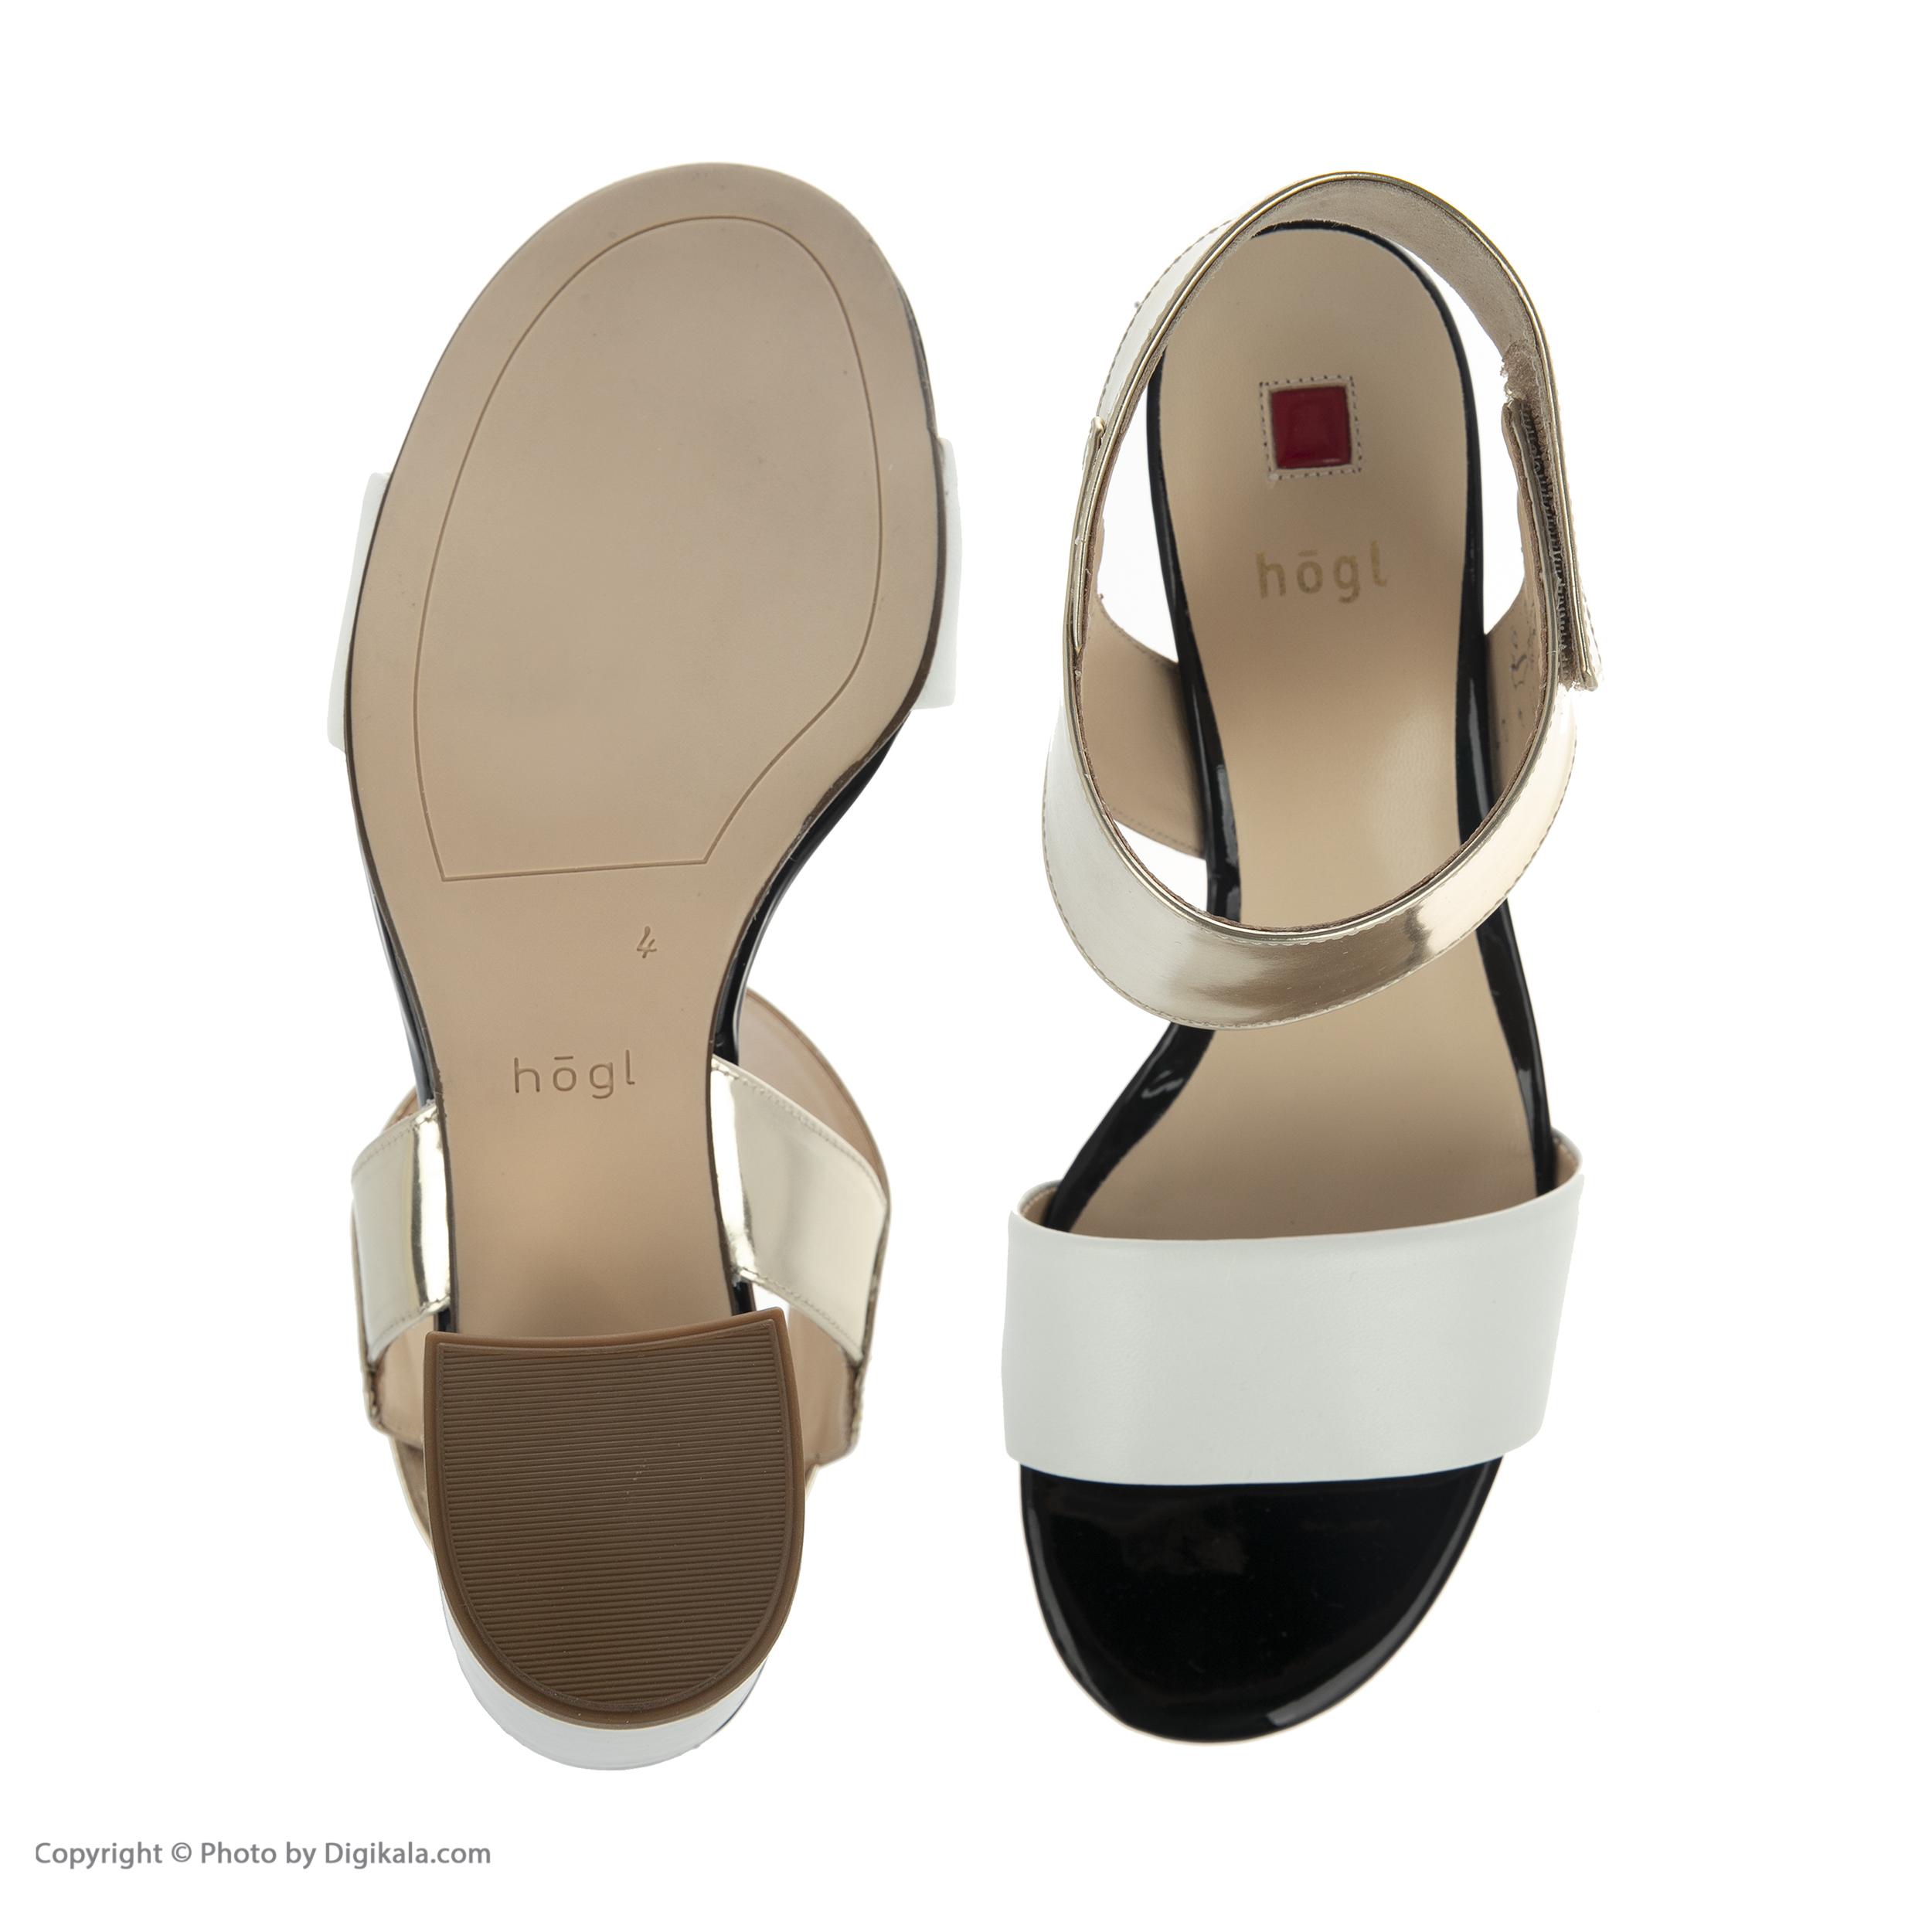 کفش زنانه هوگل مدل 5-105510-7599